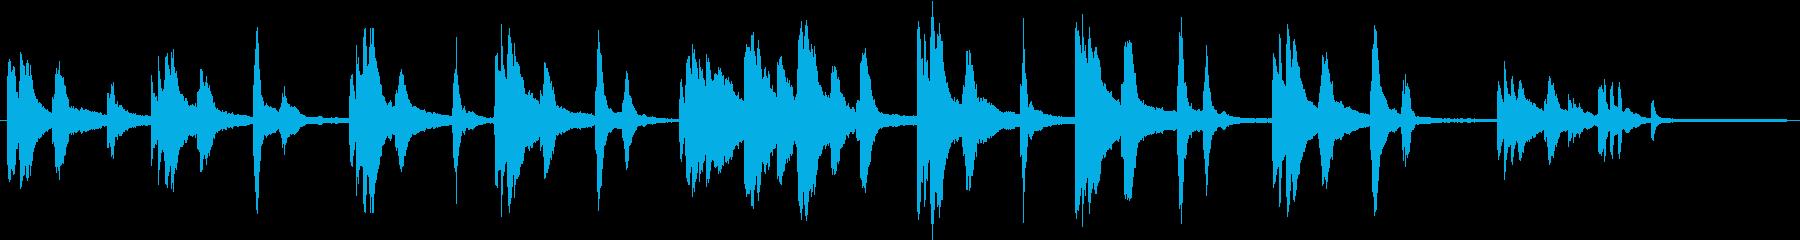 儚げなソロピアノの再生済みの波形